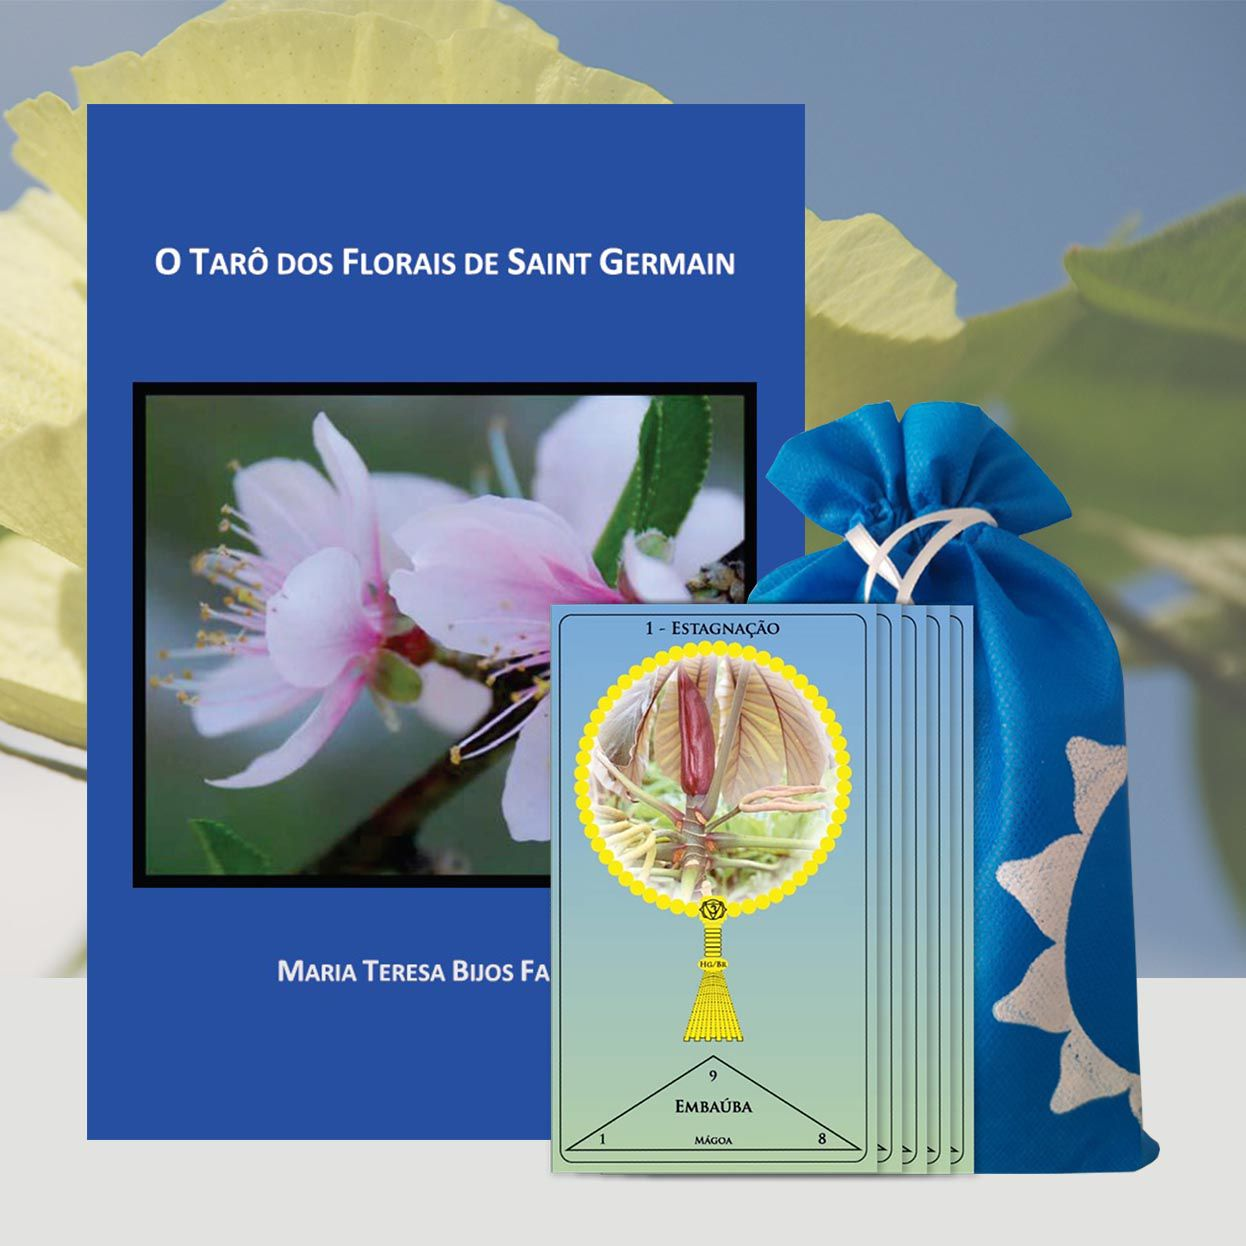 Livro e Cartas O Tarô dos Florais de Saint Germain - Maria Teresa Bijos Faidiga  - Floressência